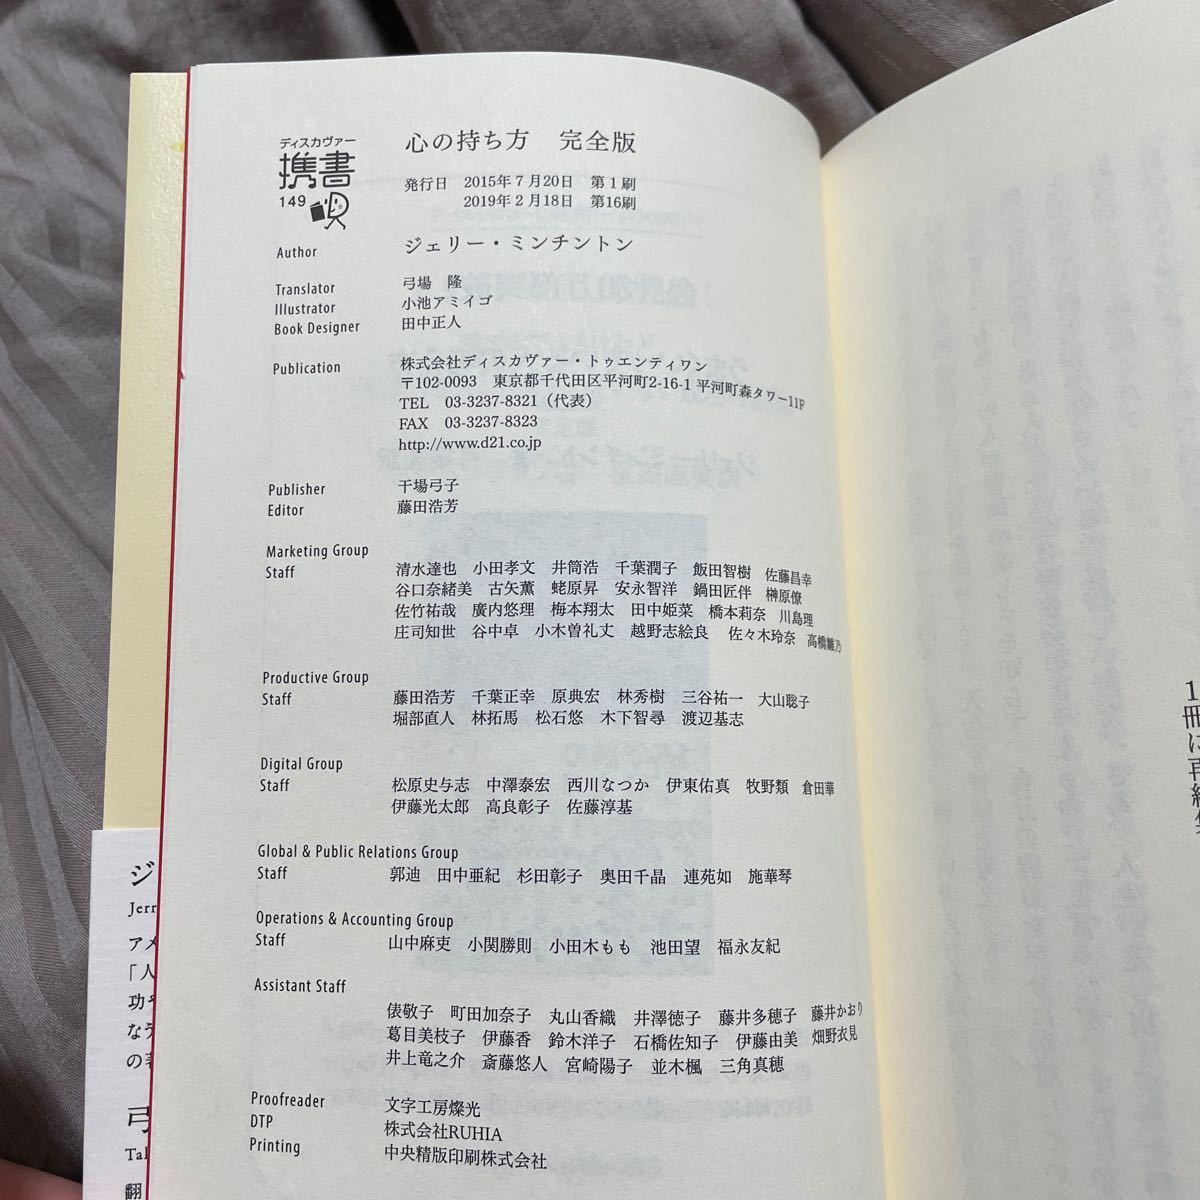 心の持ち方 完全版 プレミアムカバーB ディスカヴァー携書/ジェリーミンチントン (著者) 弓場隆 (訳者)